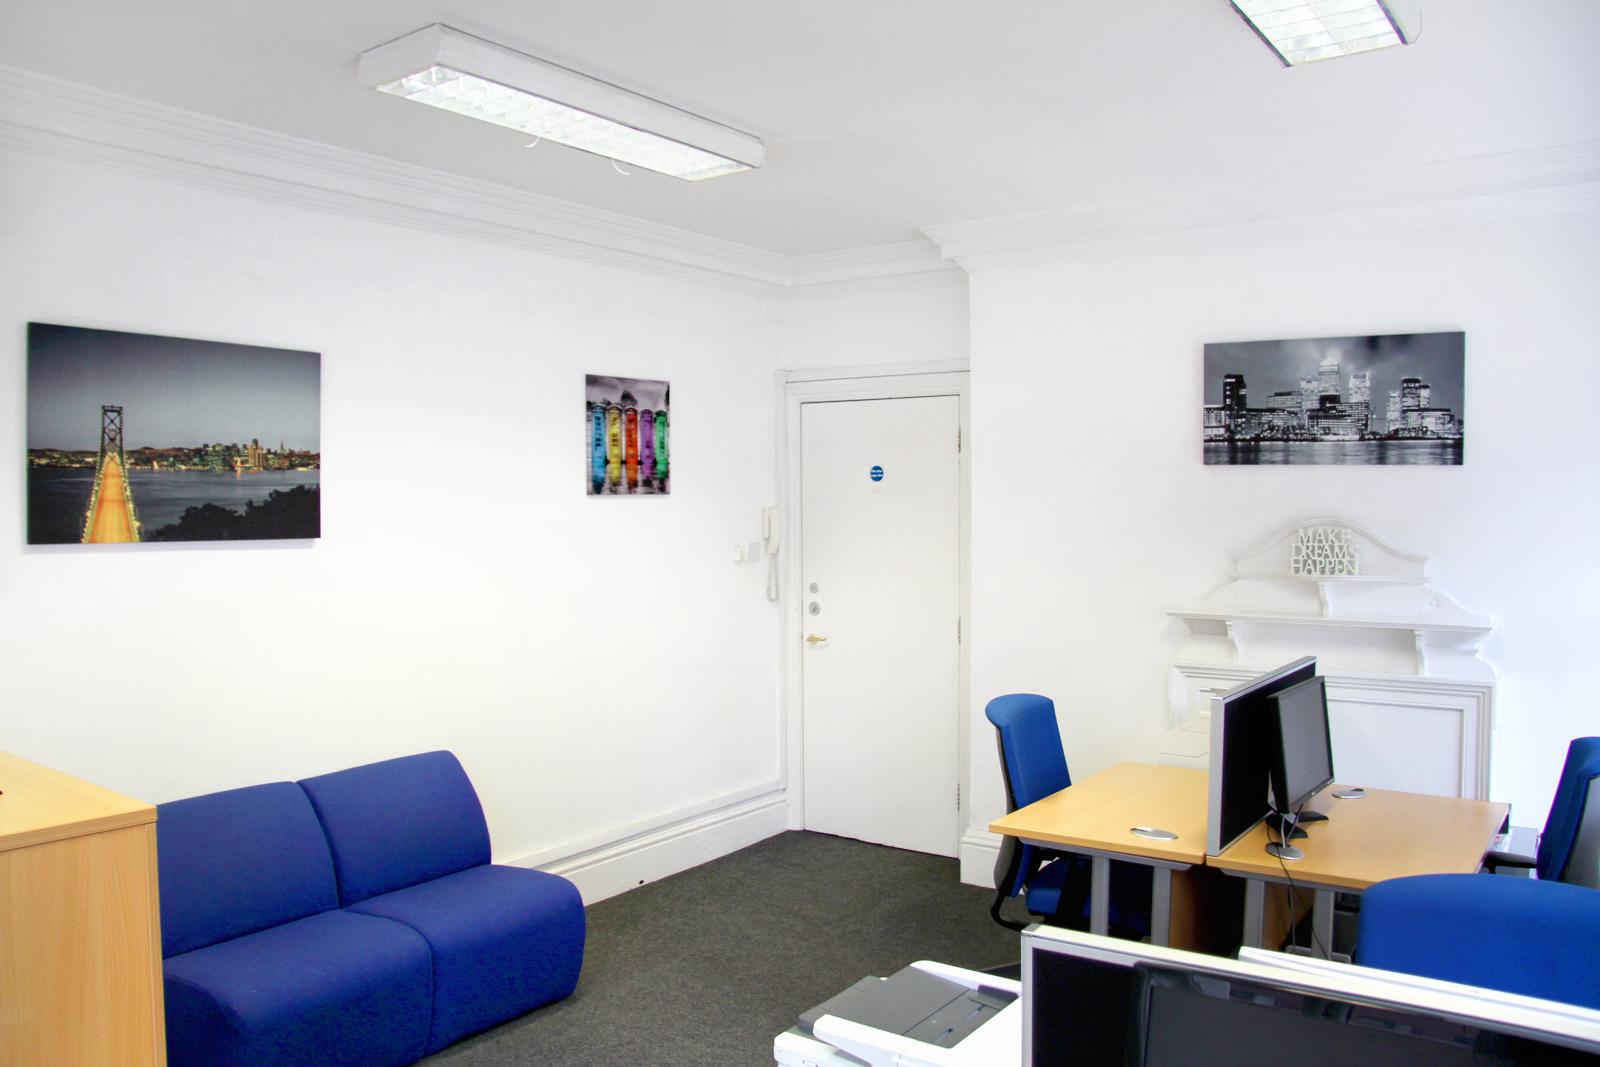 sbn_office_space03_03